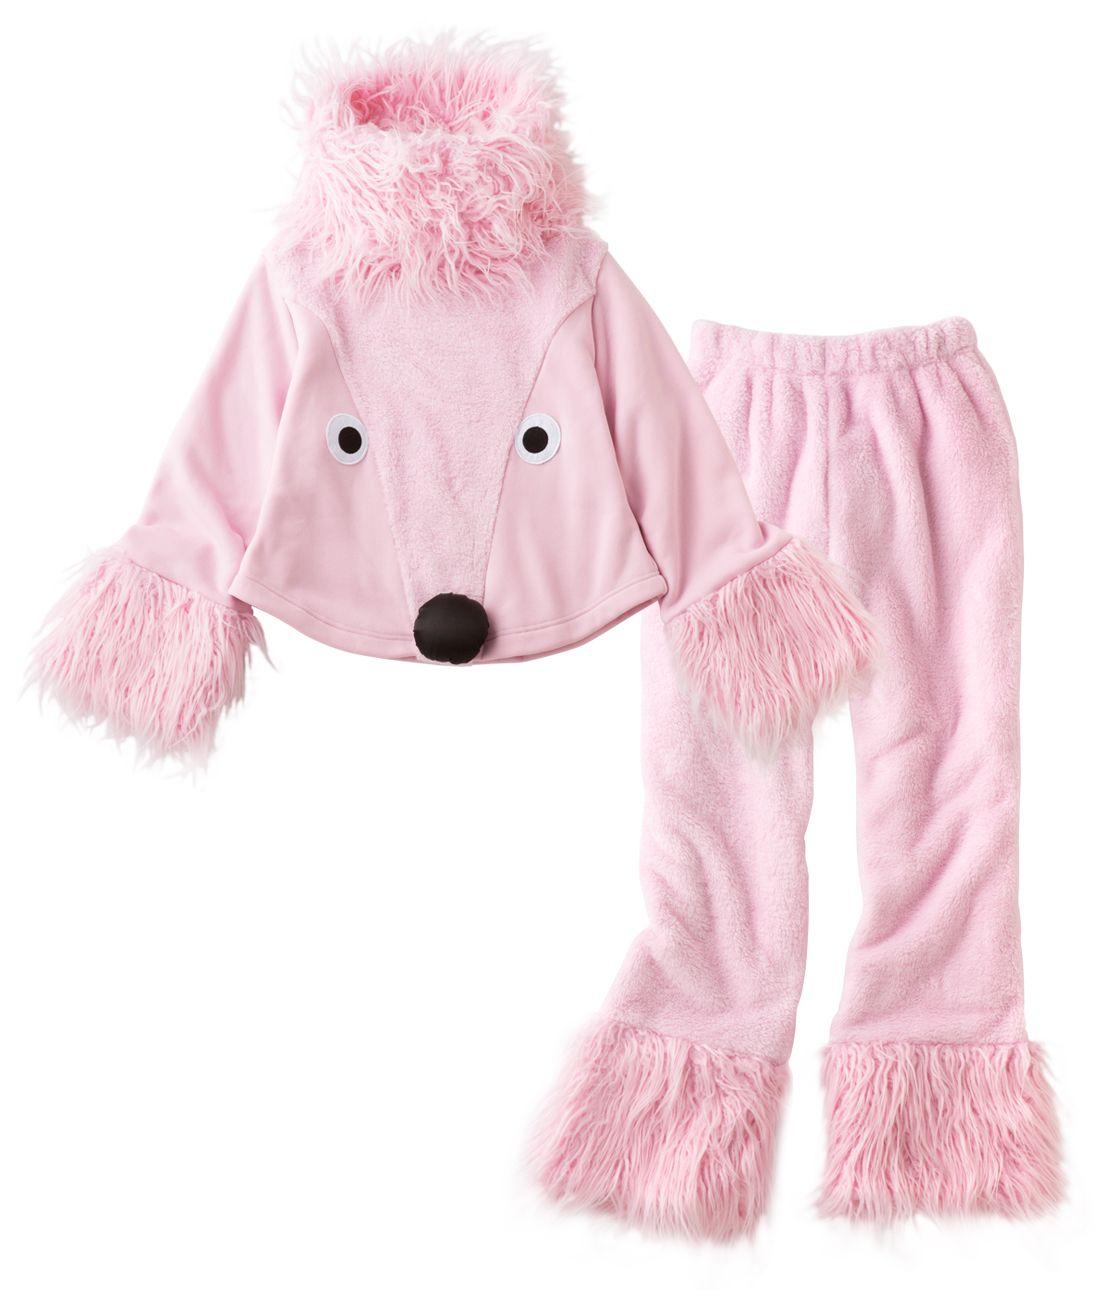 YM poodle pajamas